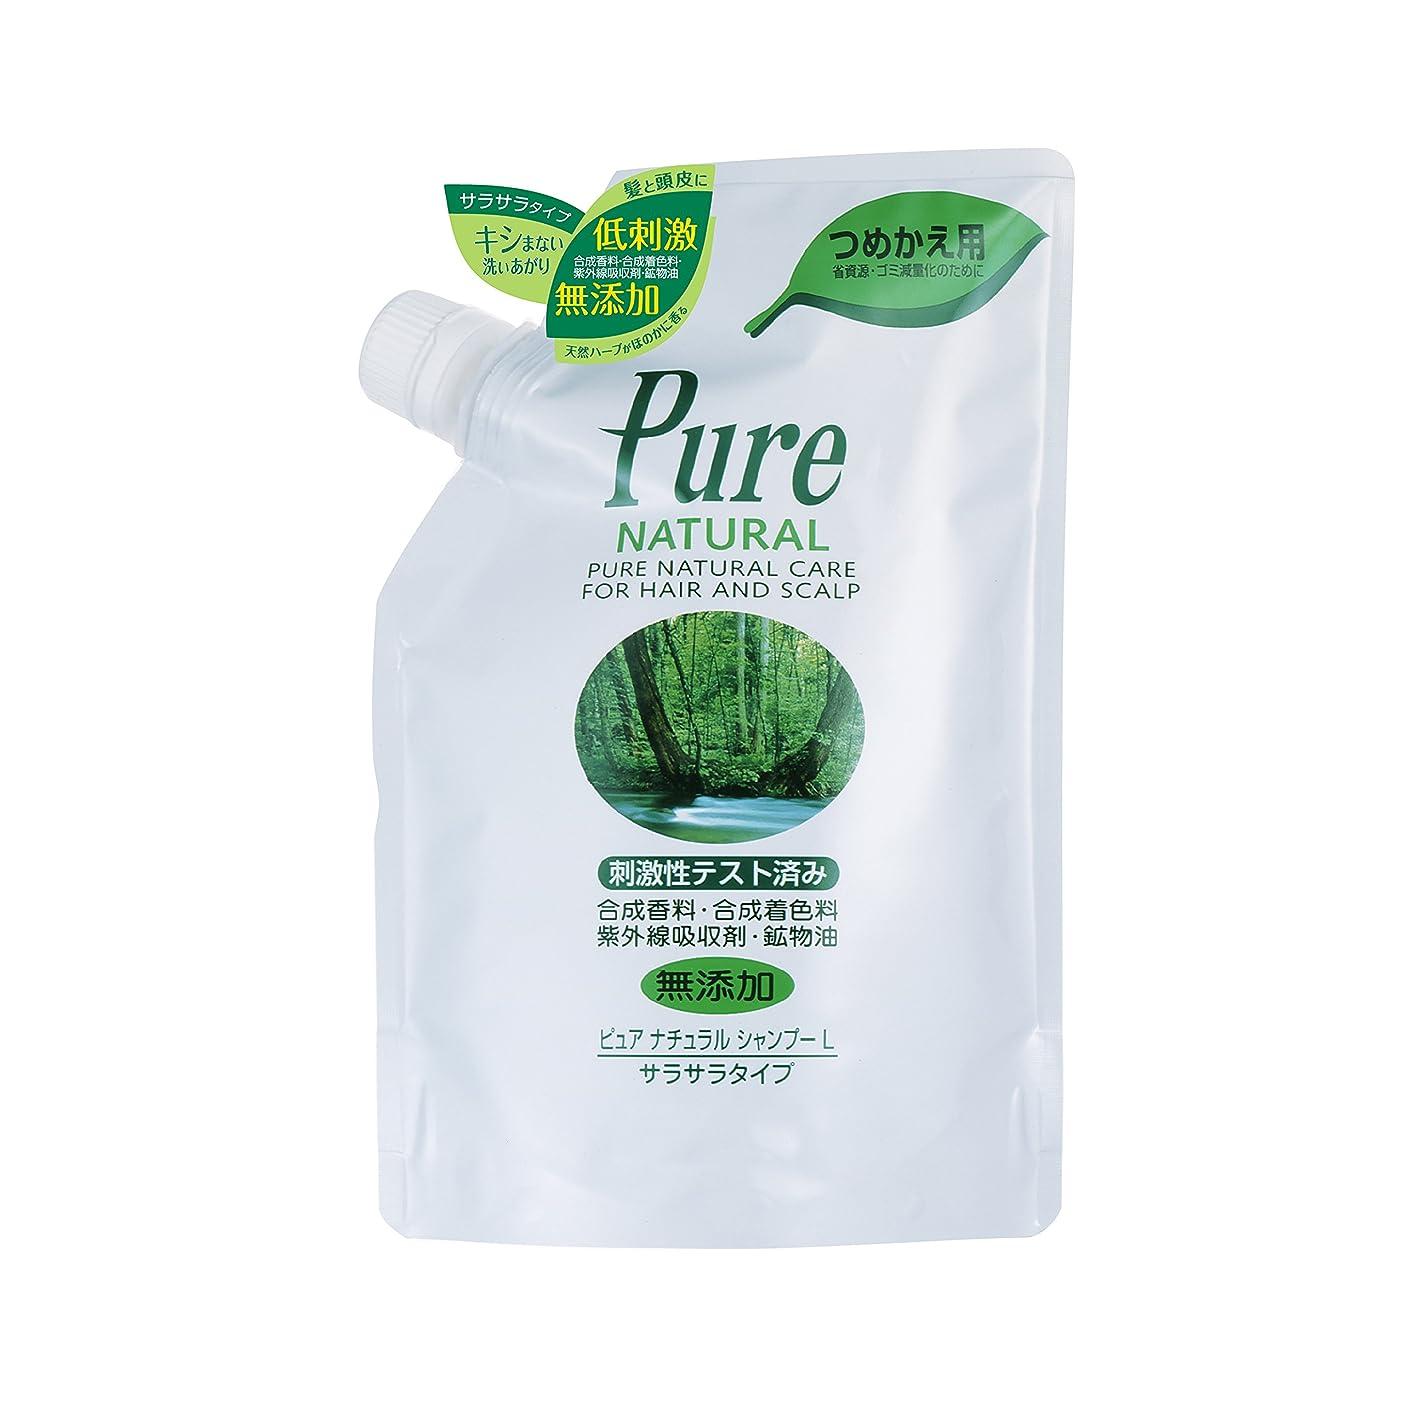 ジムリボン抗生物質Pure NATURAL(ピュアナチュラル) シャンプー L (サラサラタイプ) 詰替用400ml